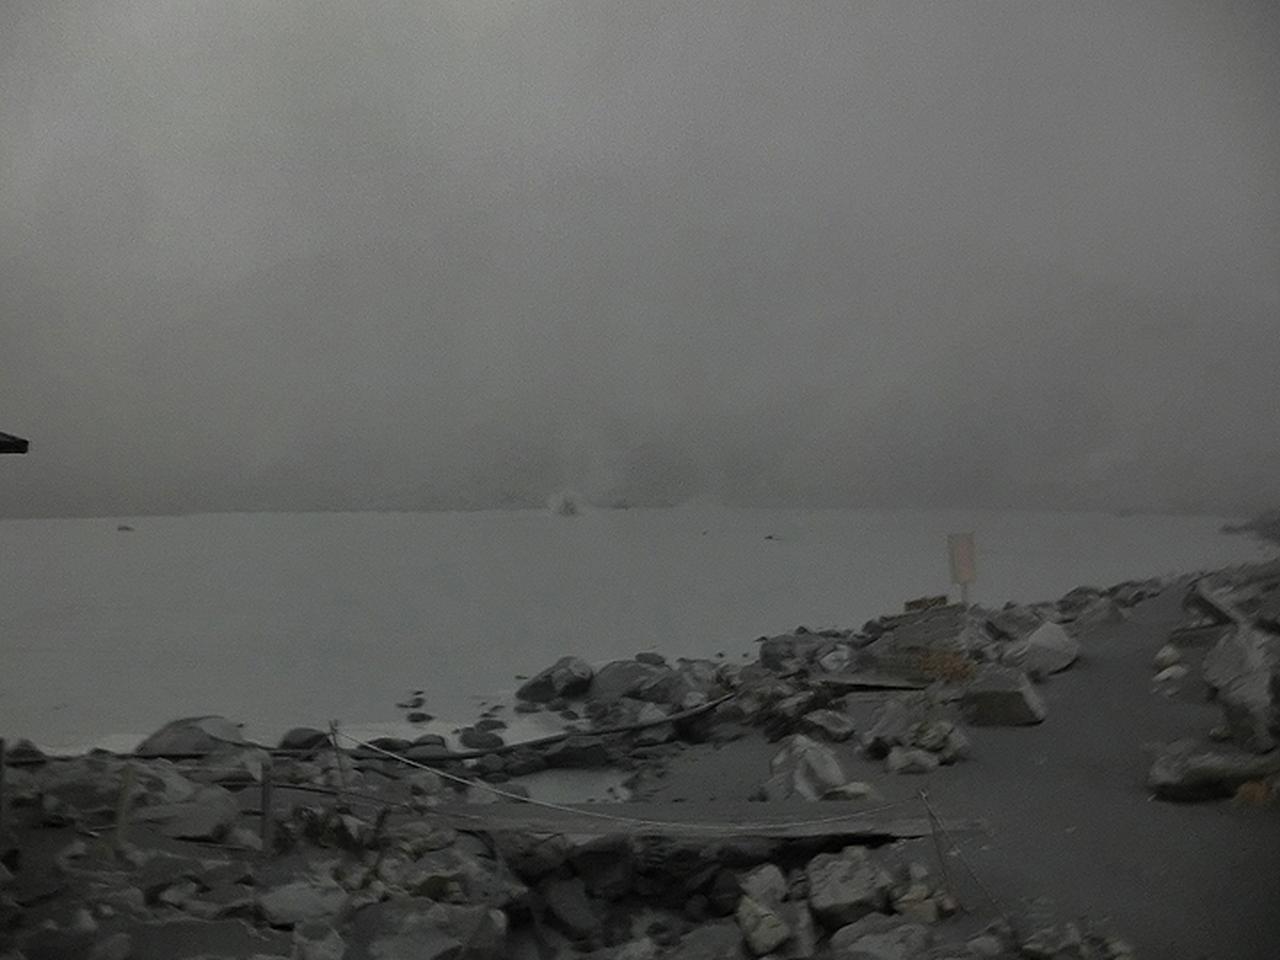 画像: 火山灰に覆われてモノクロームの世界に変わった噴火直後の山頂付近